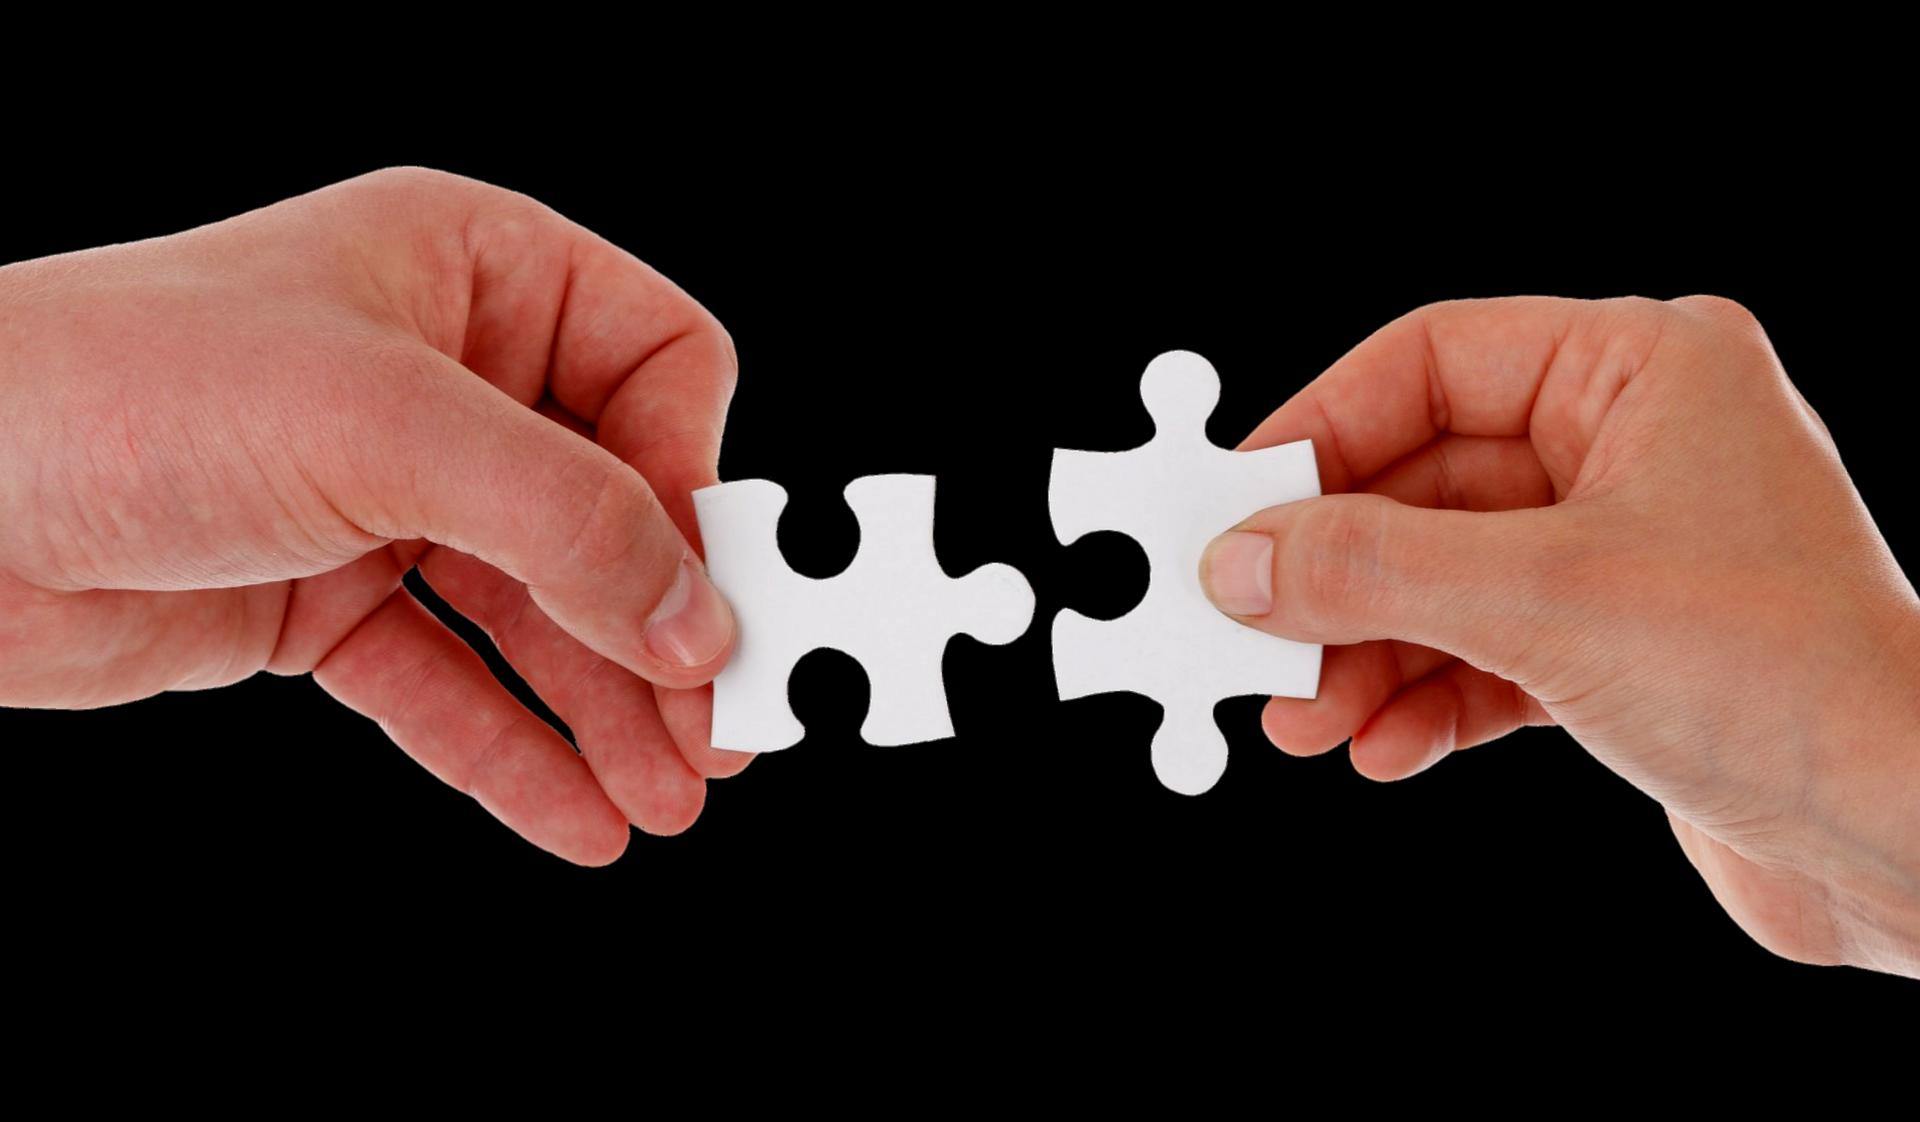 Dues mans amb unes peces de puzle